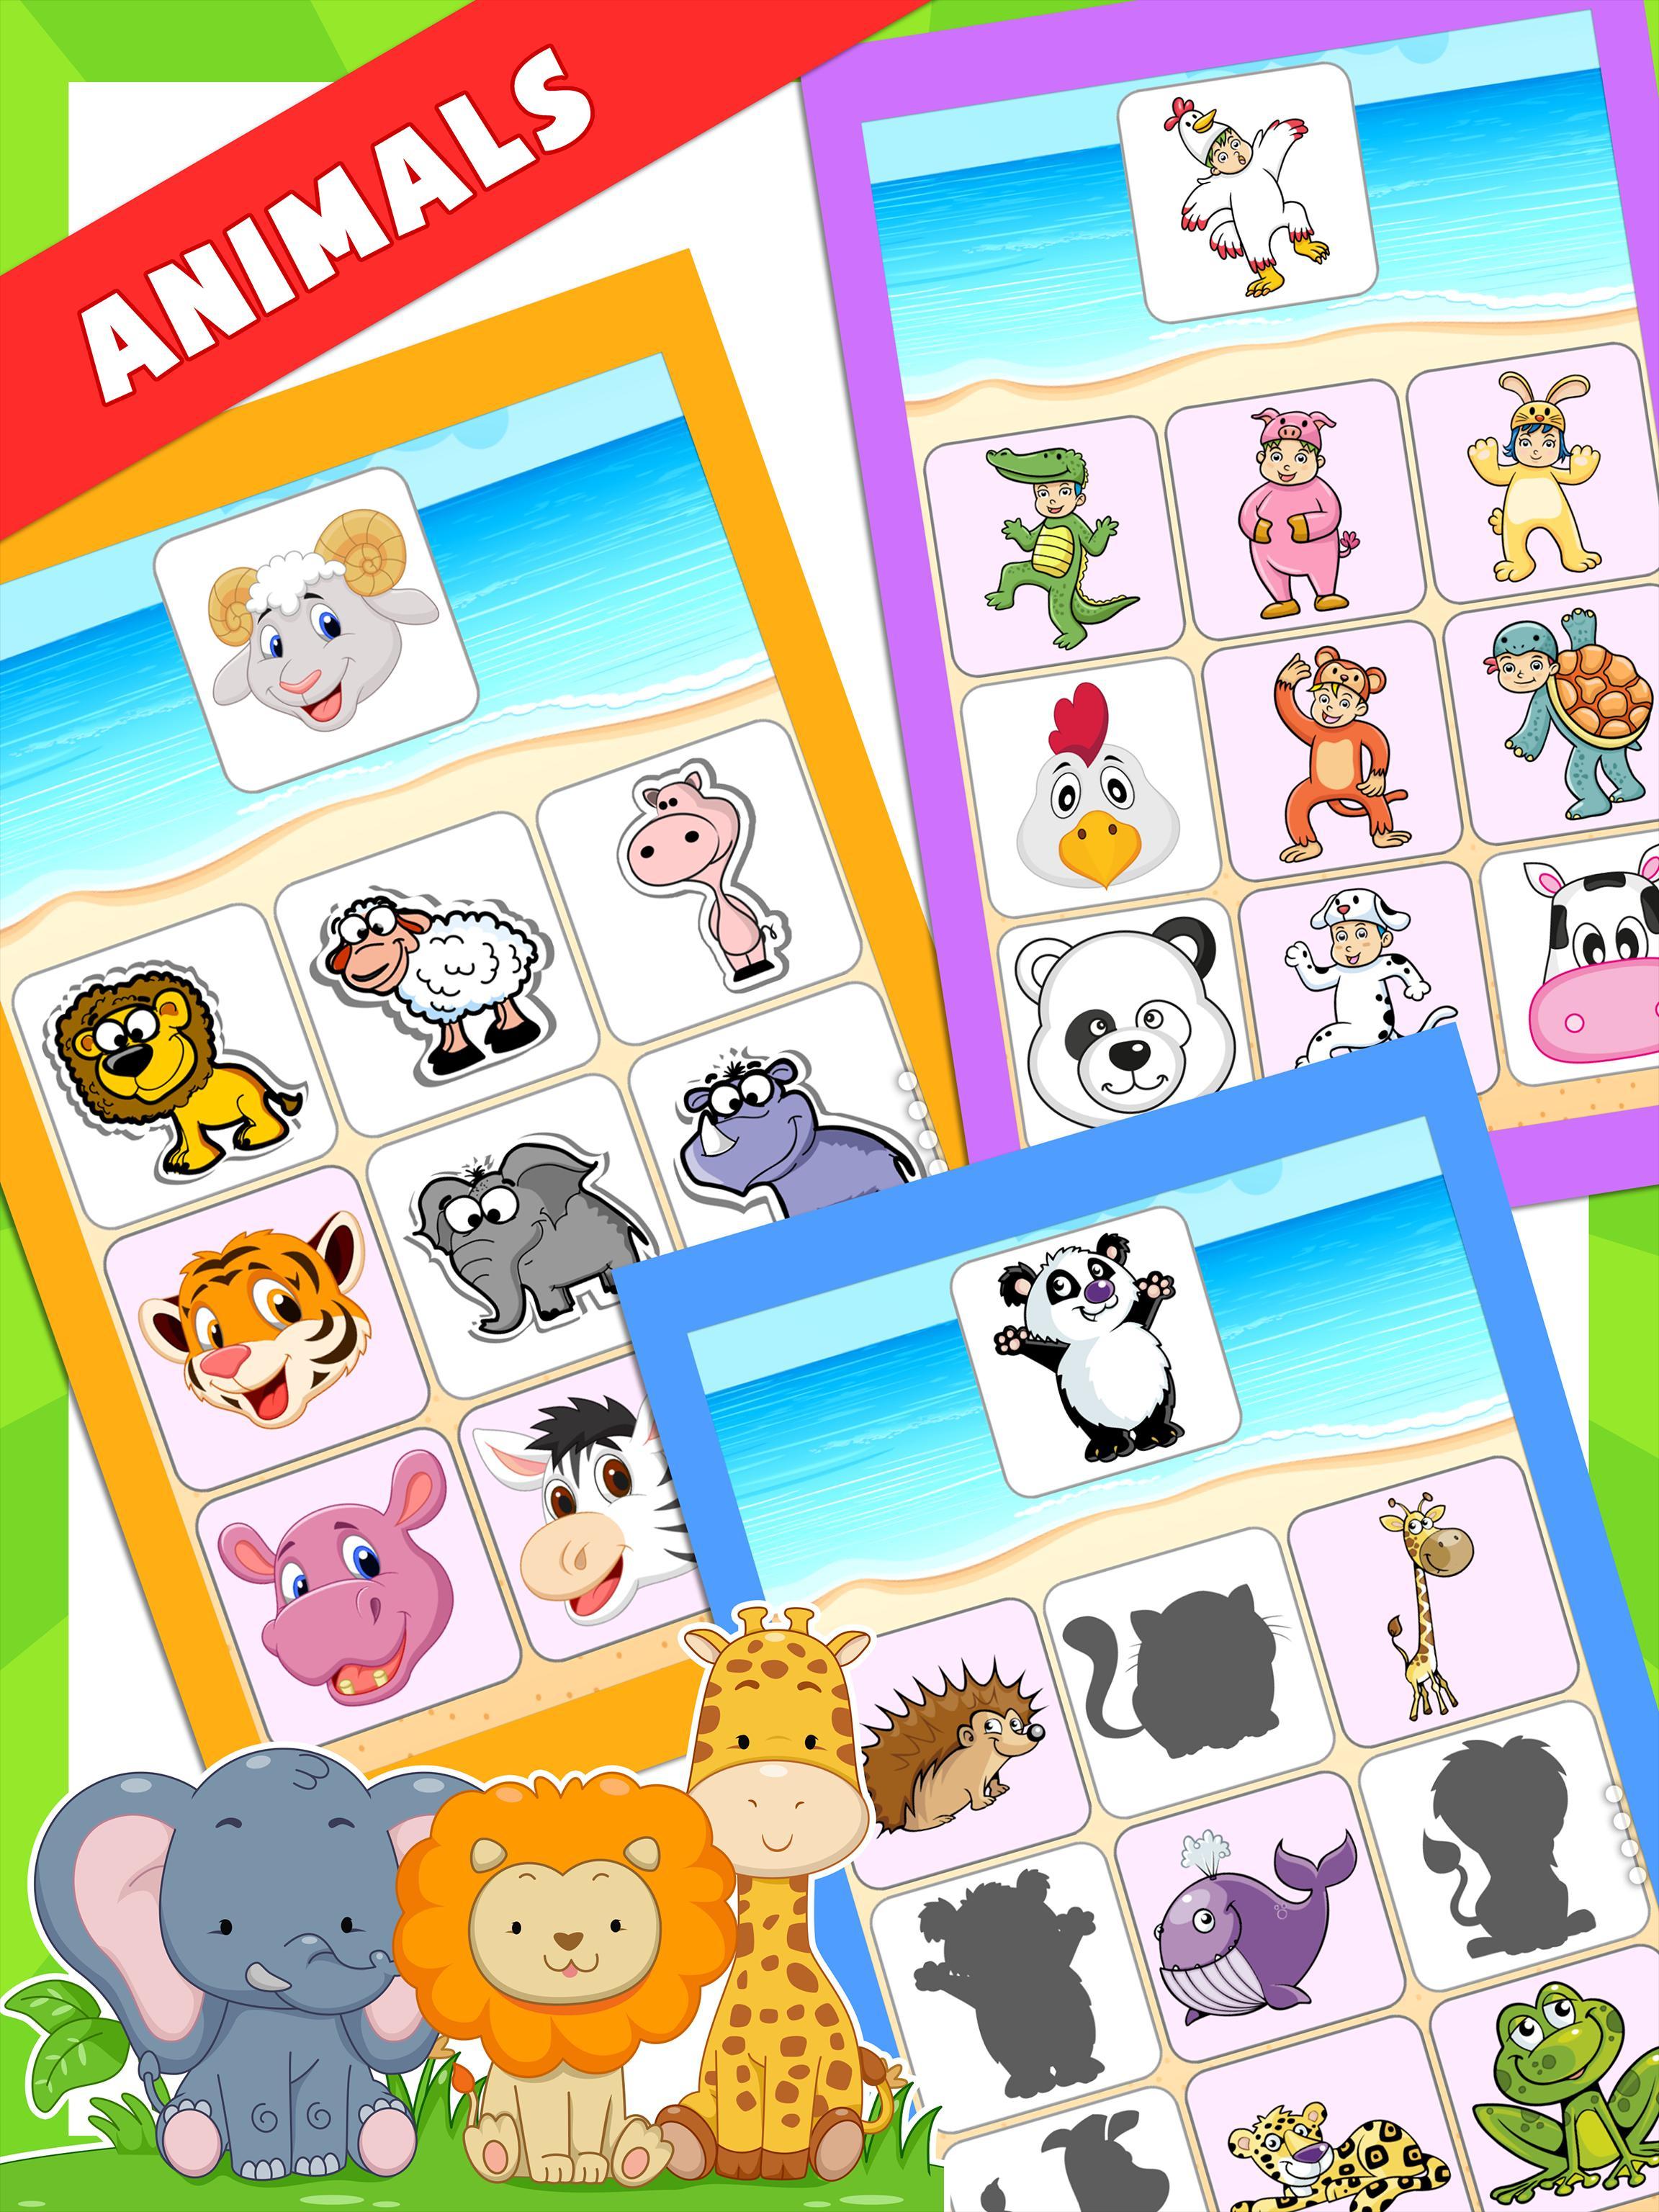 Enfants Jeux Éducatifs (Préscolaire) Pour Android dedans Jeux Educatif 4 Ans